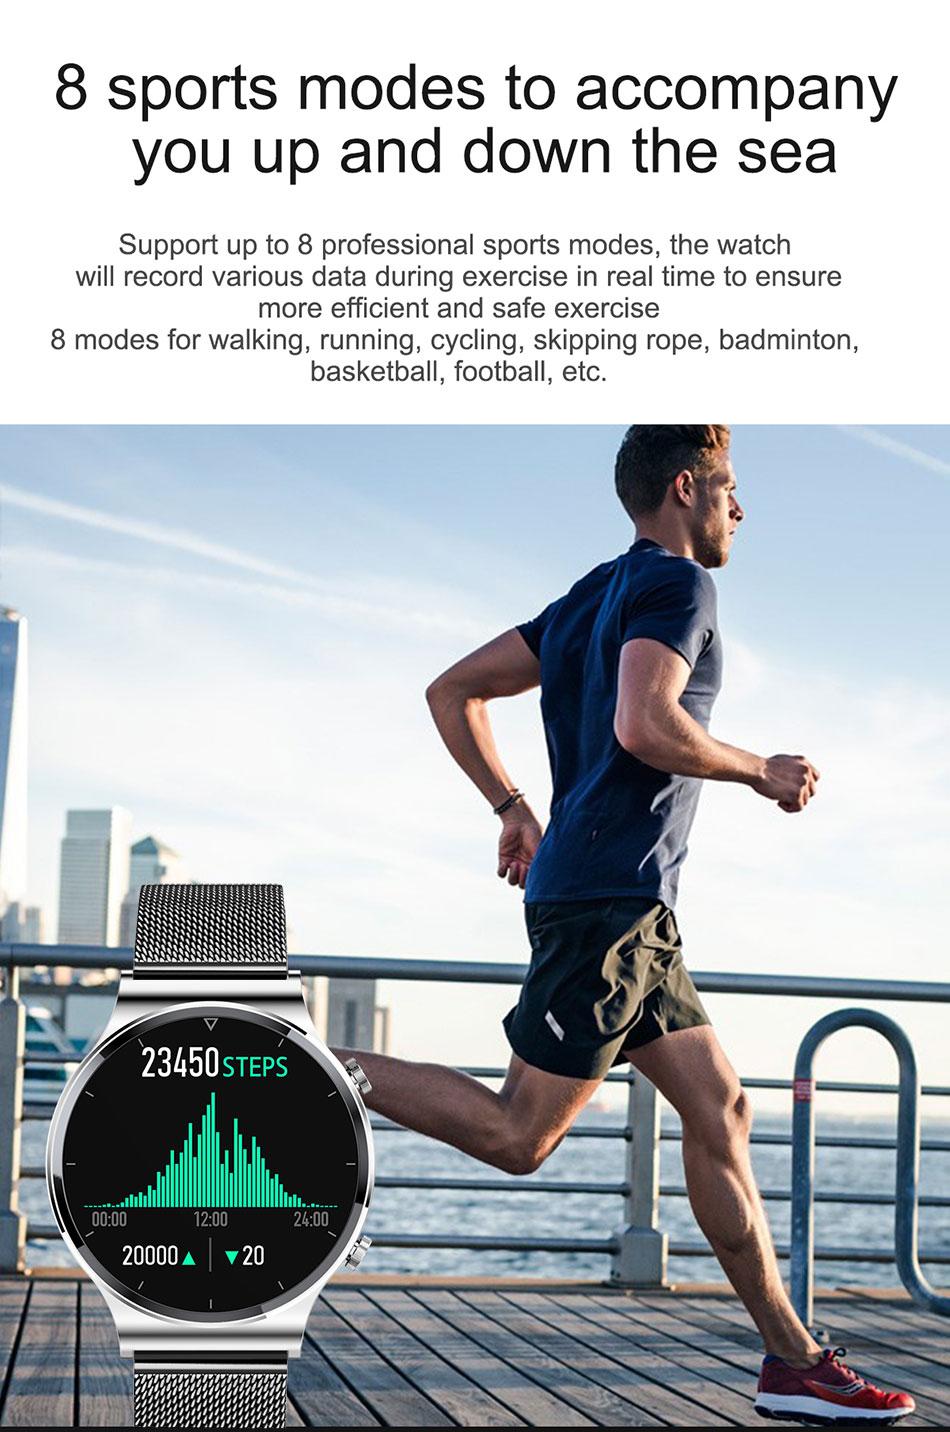 H8073188deb744885b001eebfadd611269 LIGE 2021 New Smart watch Men IP68 waterproof watch Multiple sports modes heart rate weather Forecast Bluetooth Men Smart watch